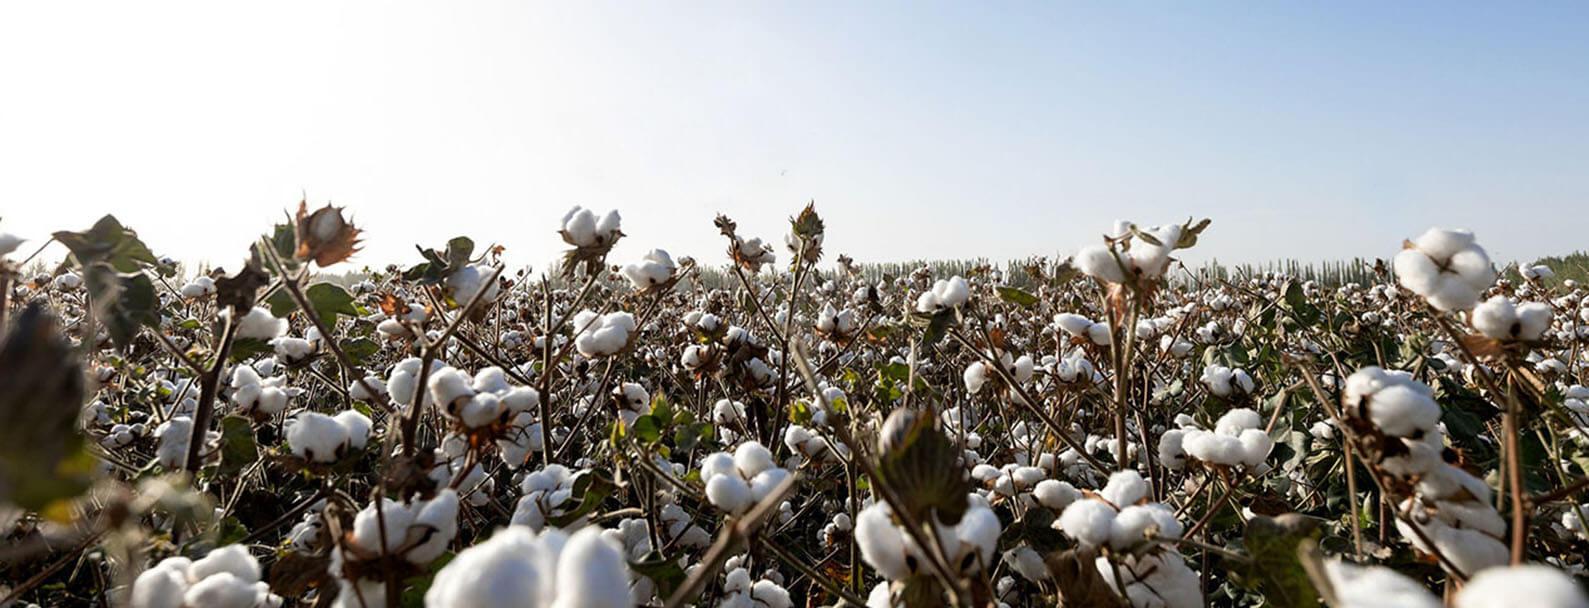 organic-cotton-field